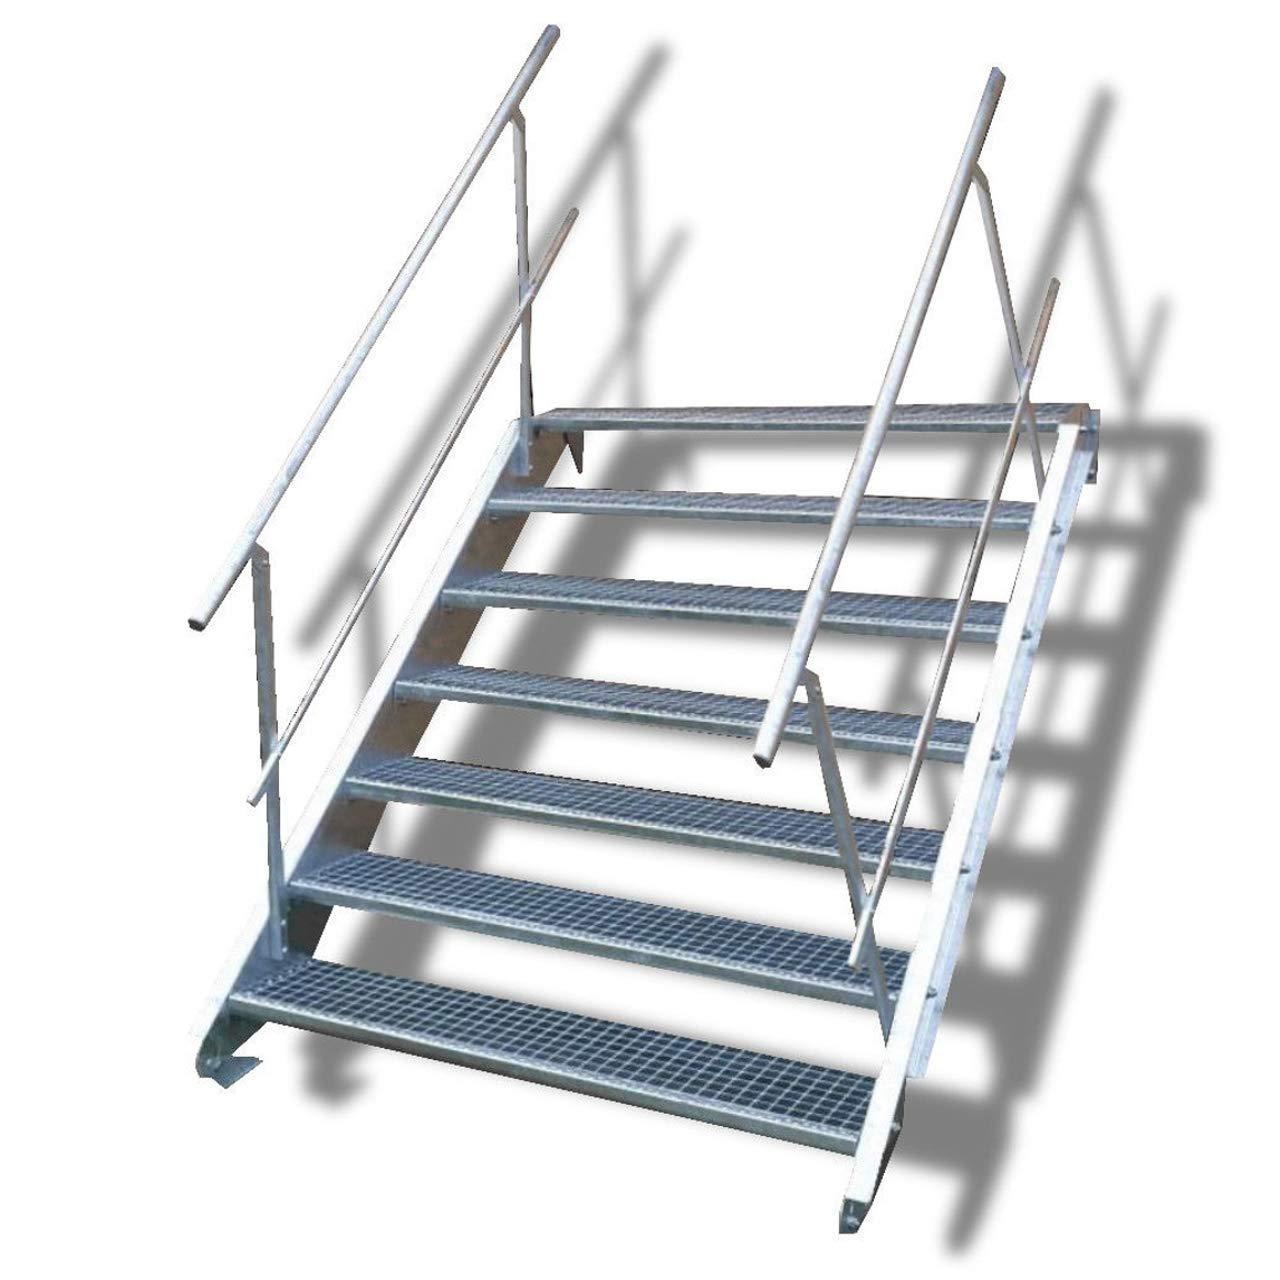 Escalera de acero de 7 peldaños con barandilla a ambos lados, altura de planta 100 – 140 cm (ancho de peldaños 60 cm).: Amazon.es: Bricolaje y herramientas